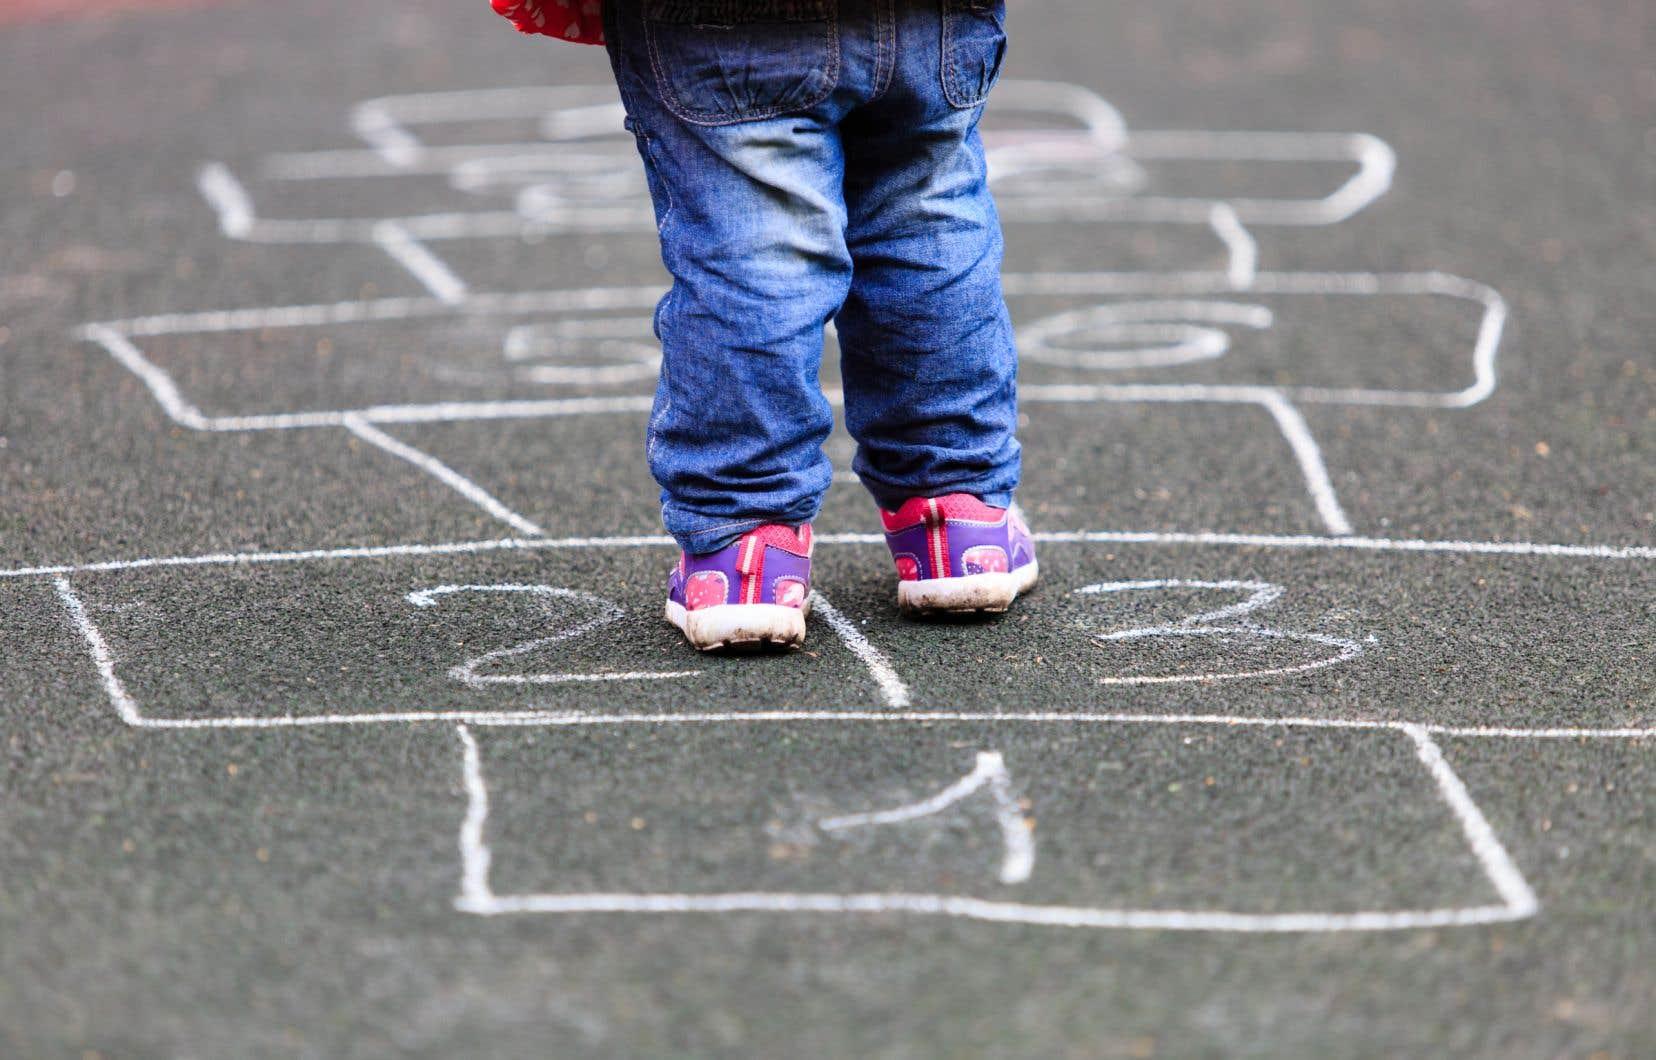 «La prévention et le dépistage sont des éléments essentiels pour soutenir les enfants et les parents», écrit l'auteur.